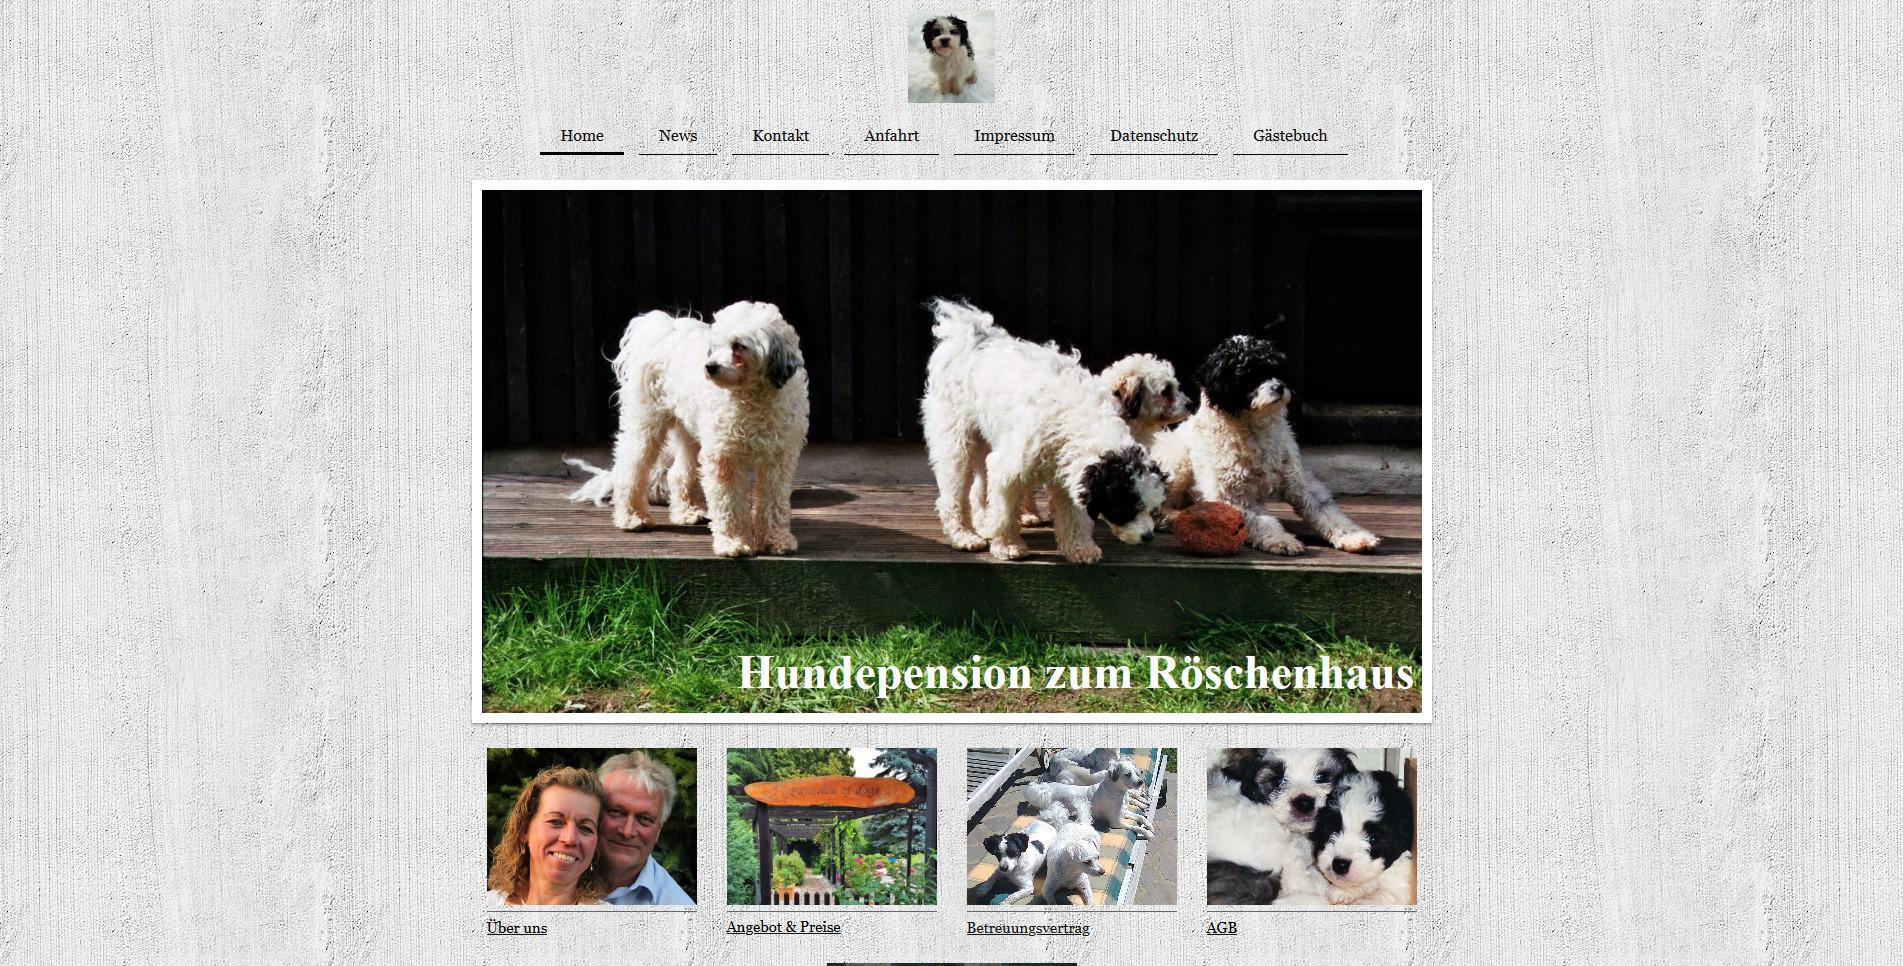 Hundepension zum Röschenhaus